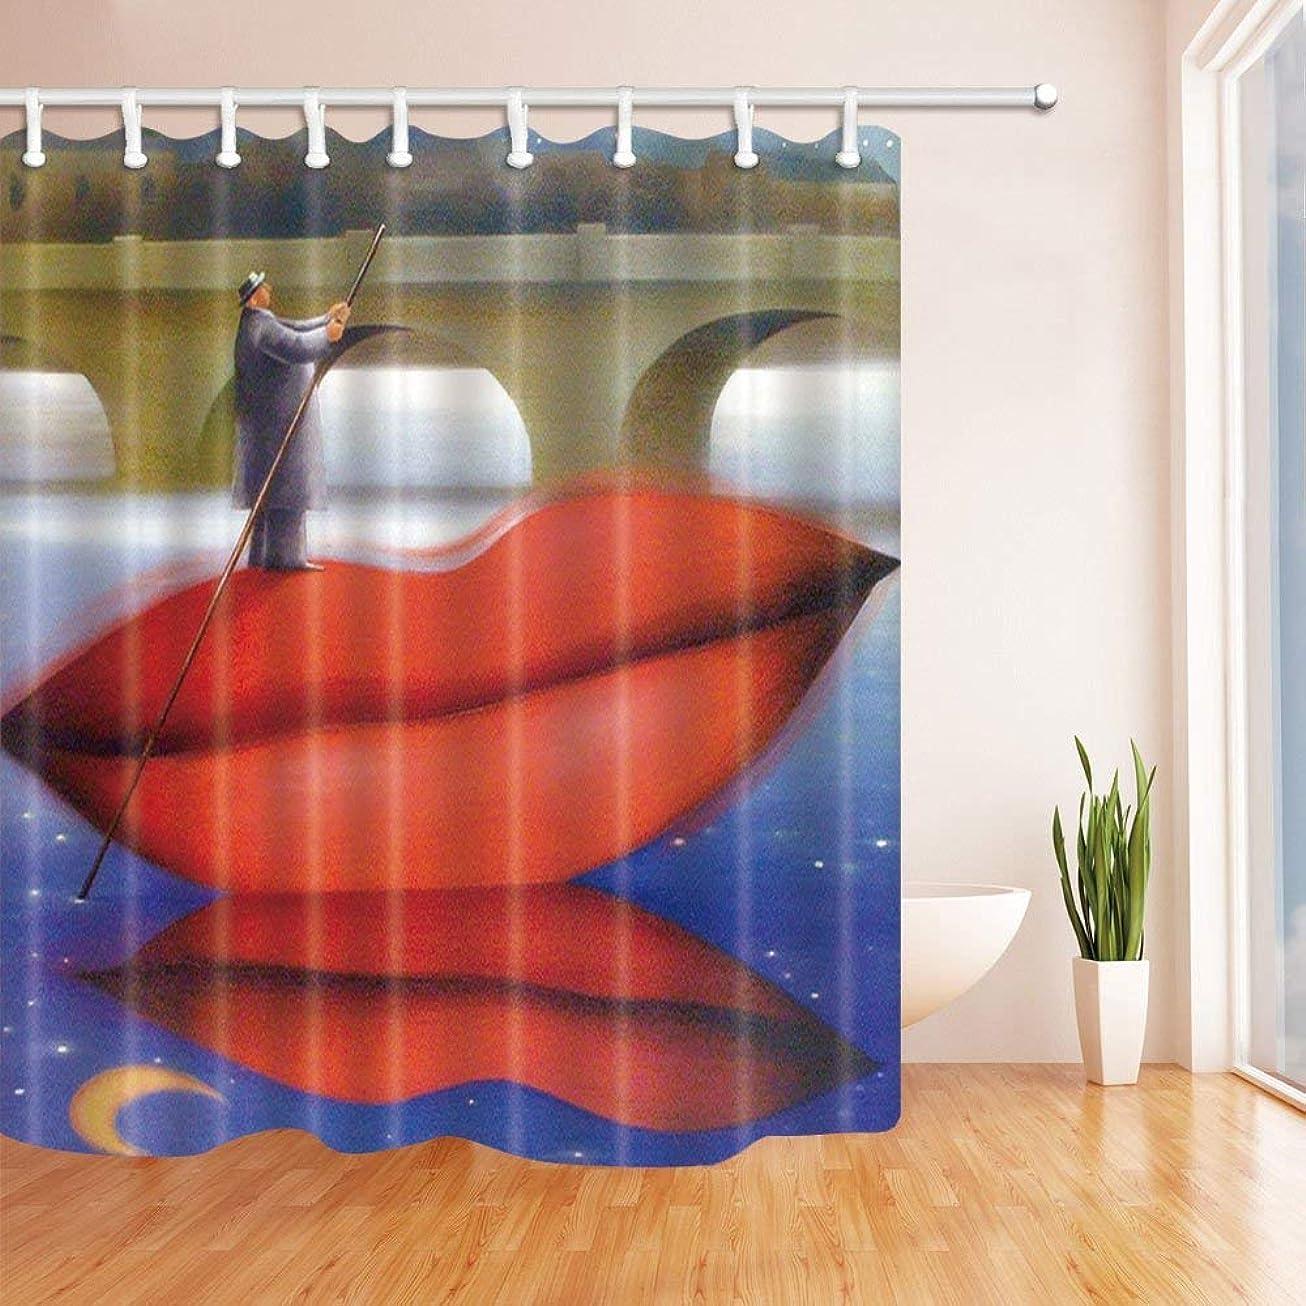 幸運嵐のスリーブGooEoo クリエイティブマンは、赤い唇シャワーカーテン、ポリエステル生地の防水バスカーテン、71X71インチ、シャワーカーテンフック、赤のように船に立って